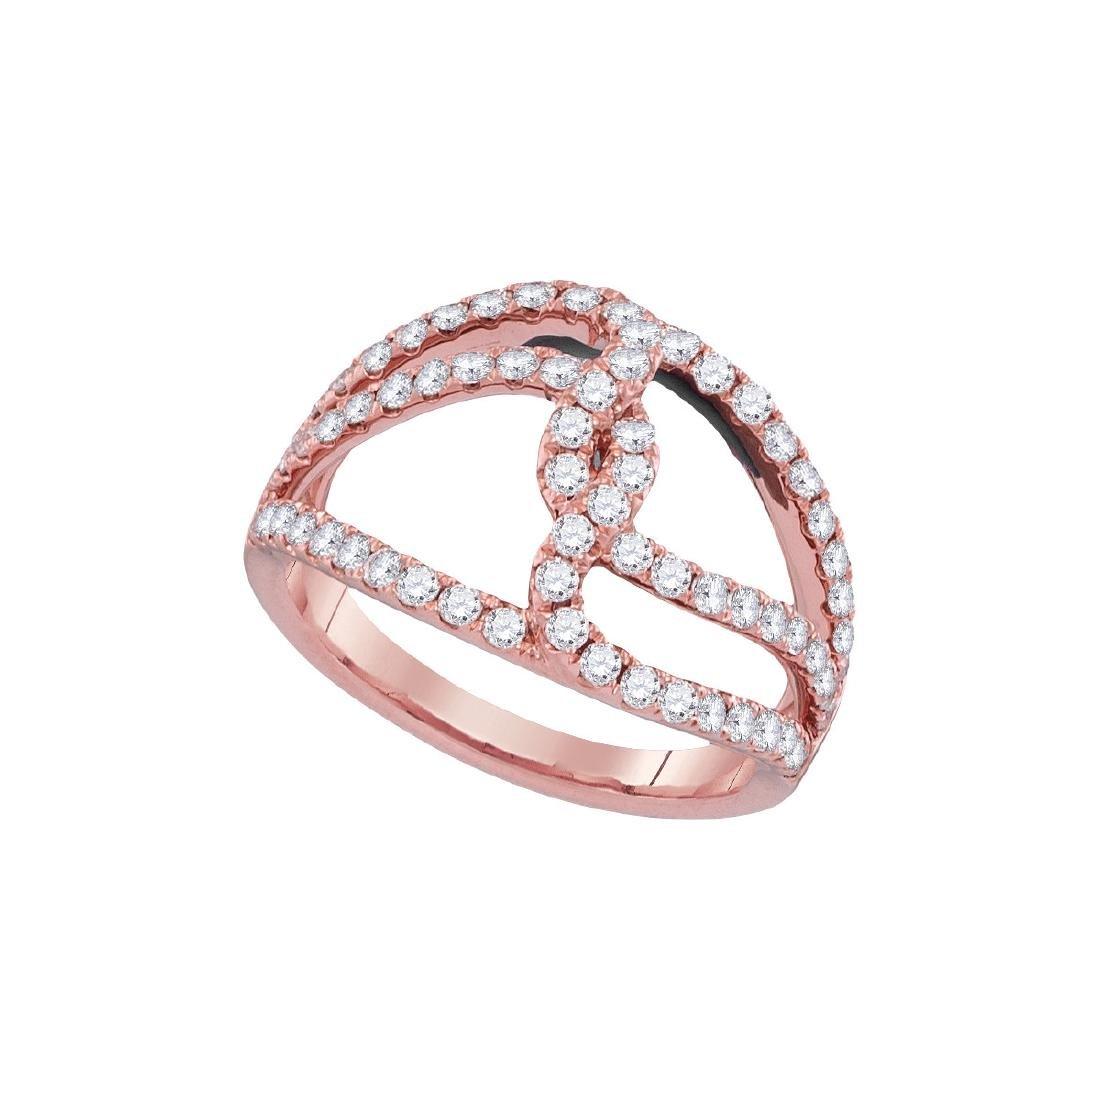 0.83 CTW Diamond Open Woven Strand Ring 18KT Rose Gold